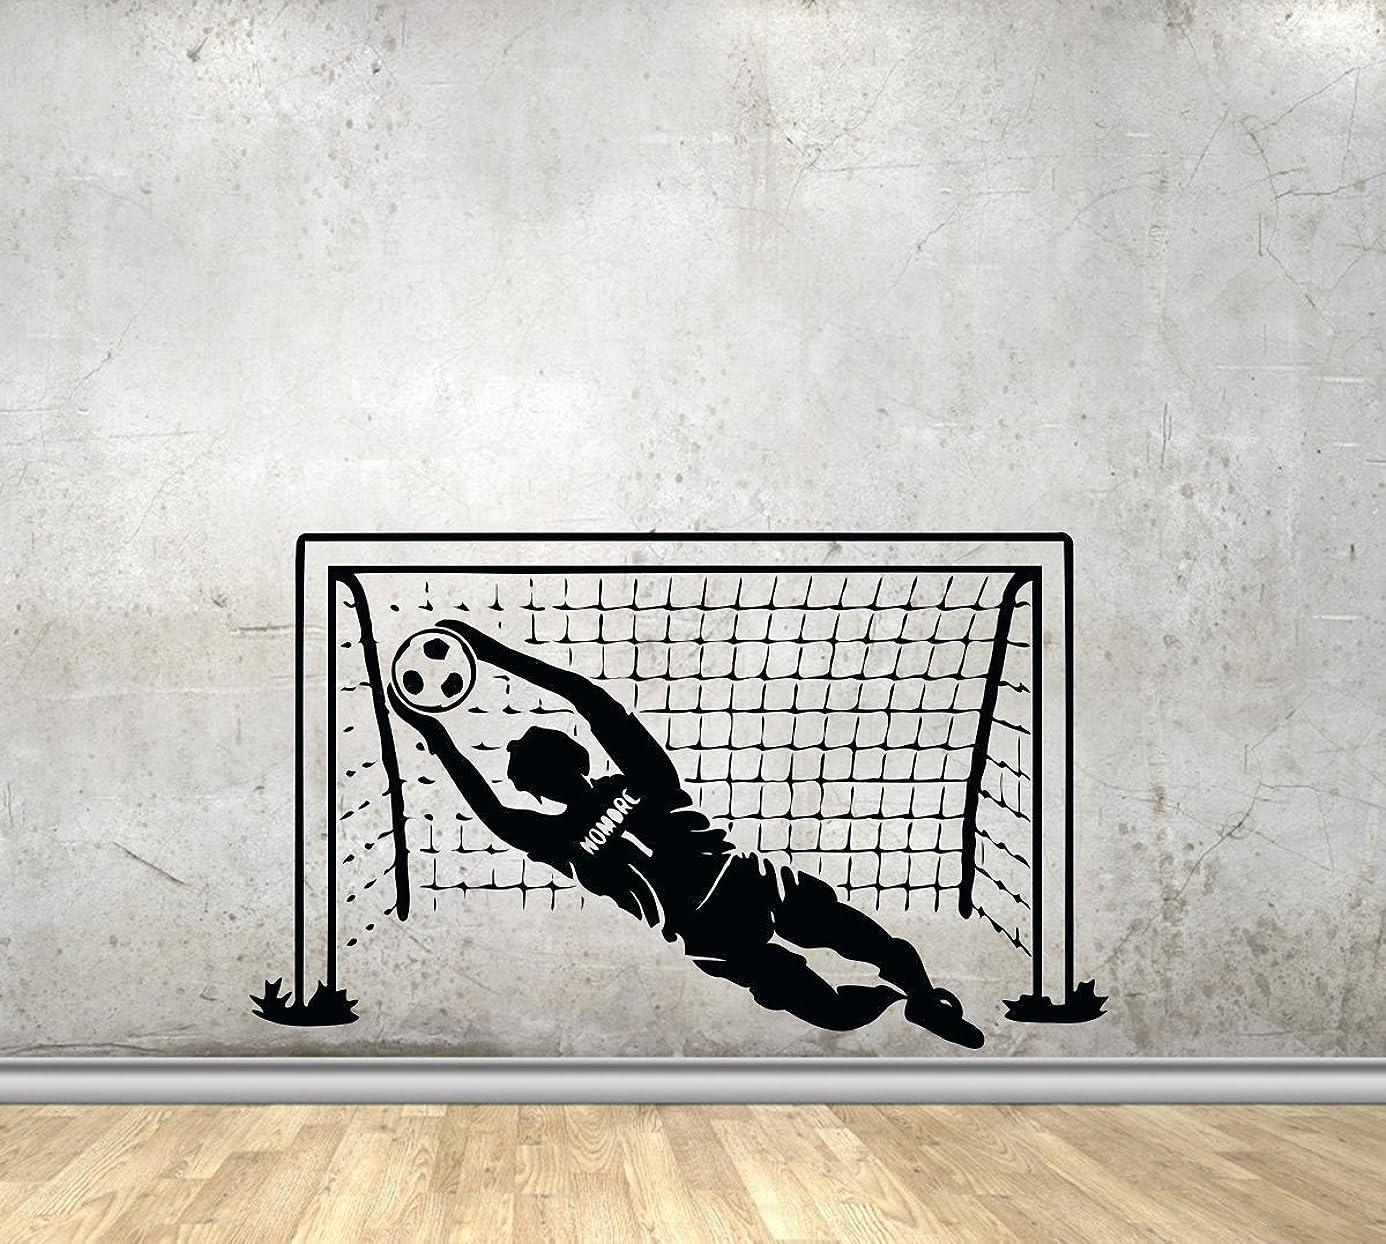 Vinyl Sport Wall Decals Soccer Football Goal Nets Ball Goalkeeper Player Vinyl Decor Stickers MK2328